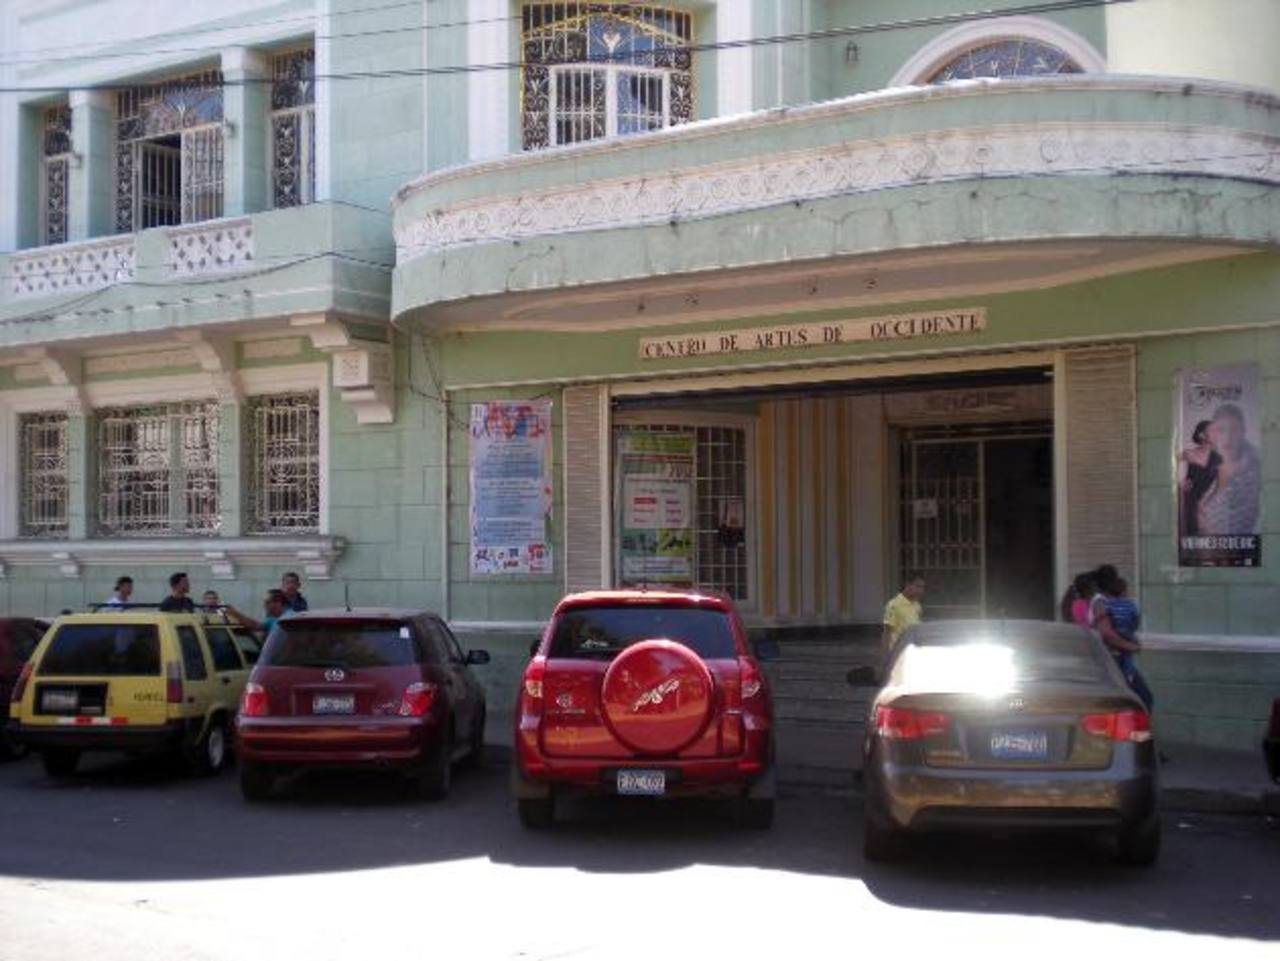 Oficinas del Centro de Artes de Occidente (CAO), que a pesar del sistema de vigilancia electrónica con cámaras de circuito cerrado, no se escapó de la delincuencia. fotos edh / cristian díaz